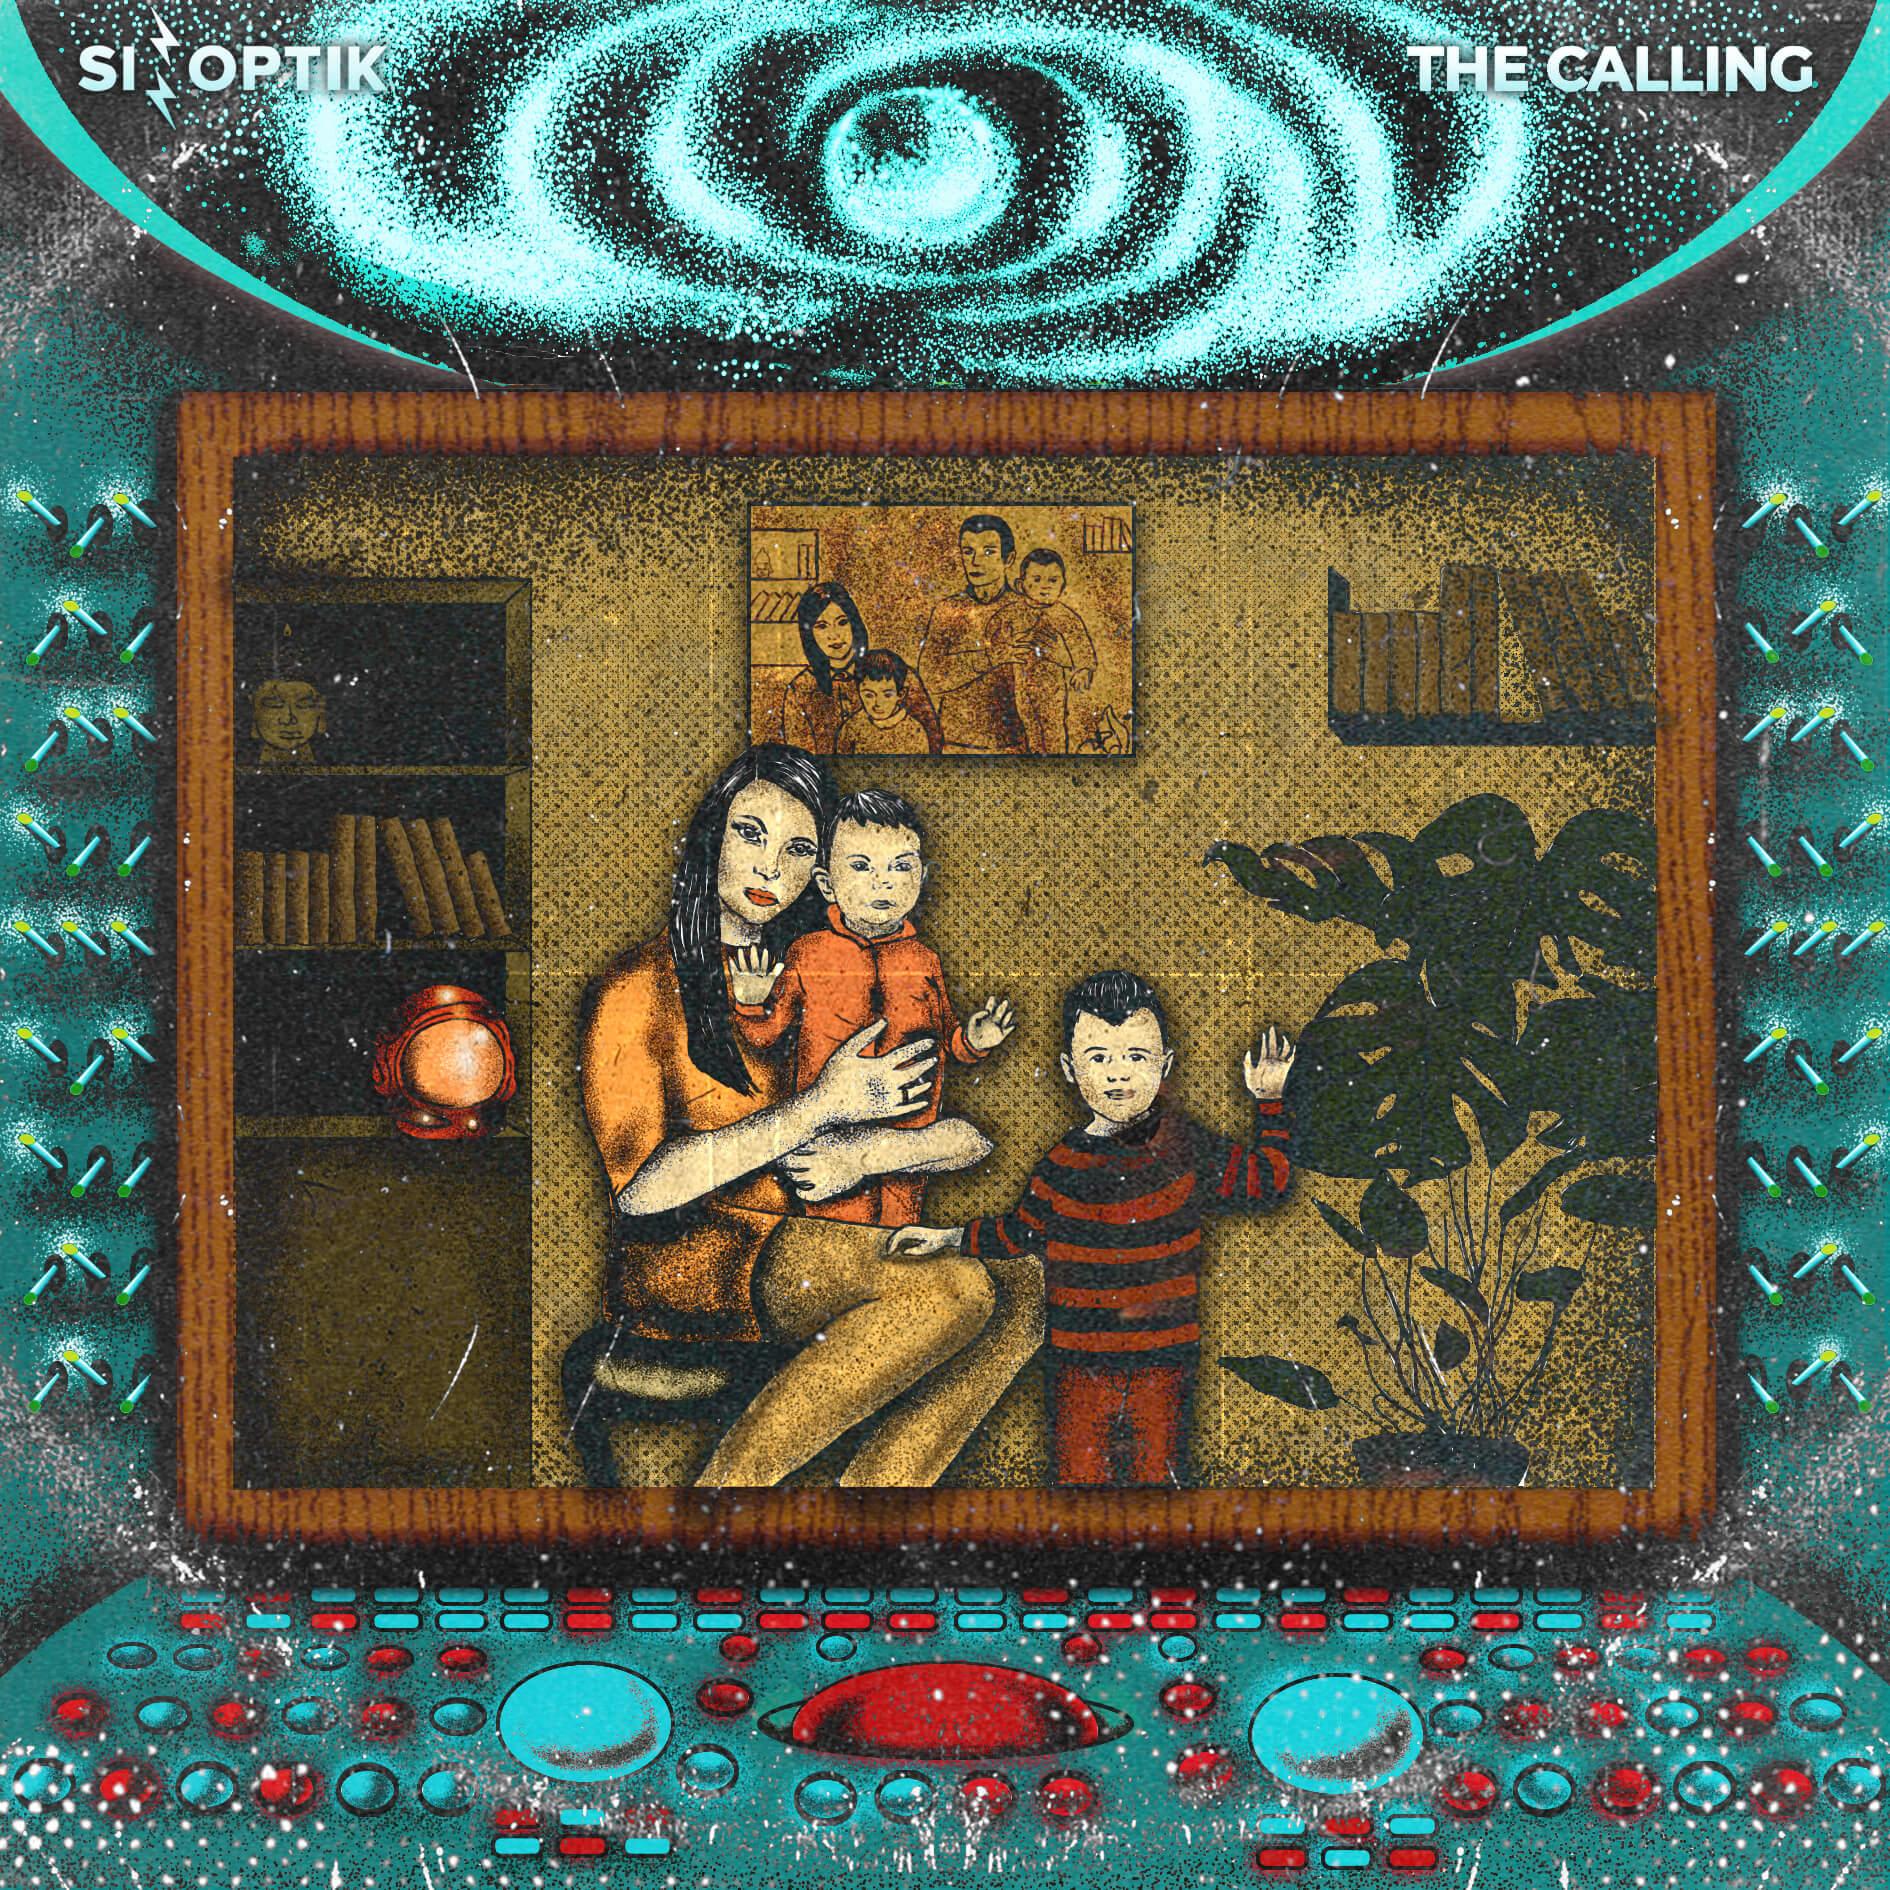 Capa do álbum The Calling, da banda ucraniana Sinoptik